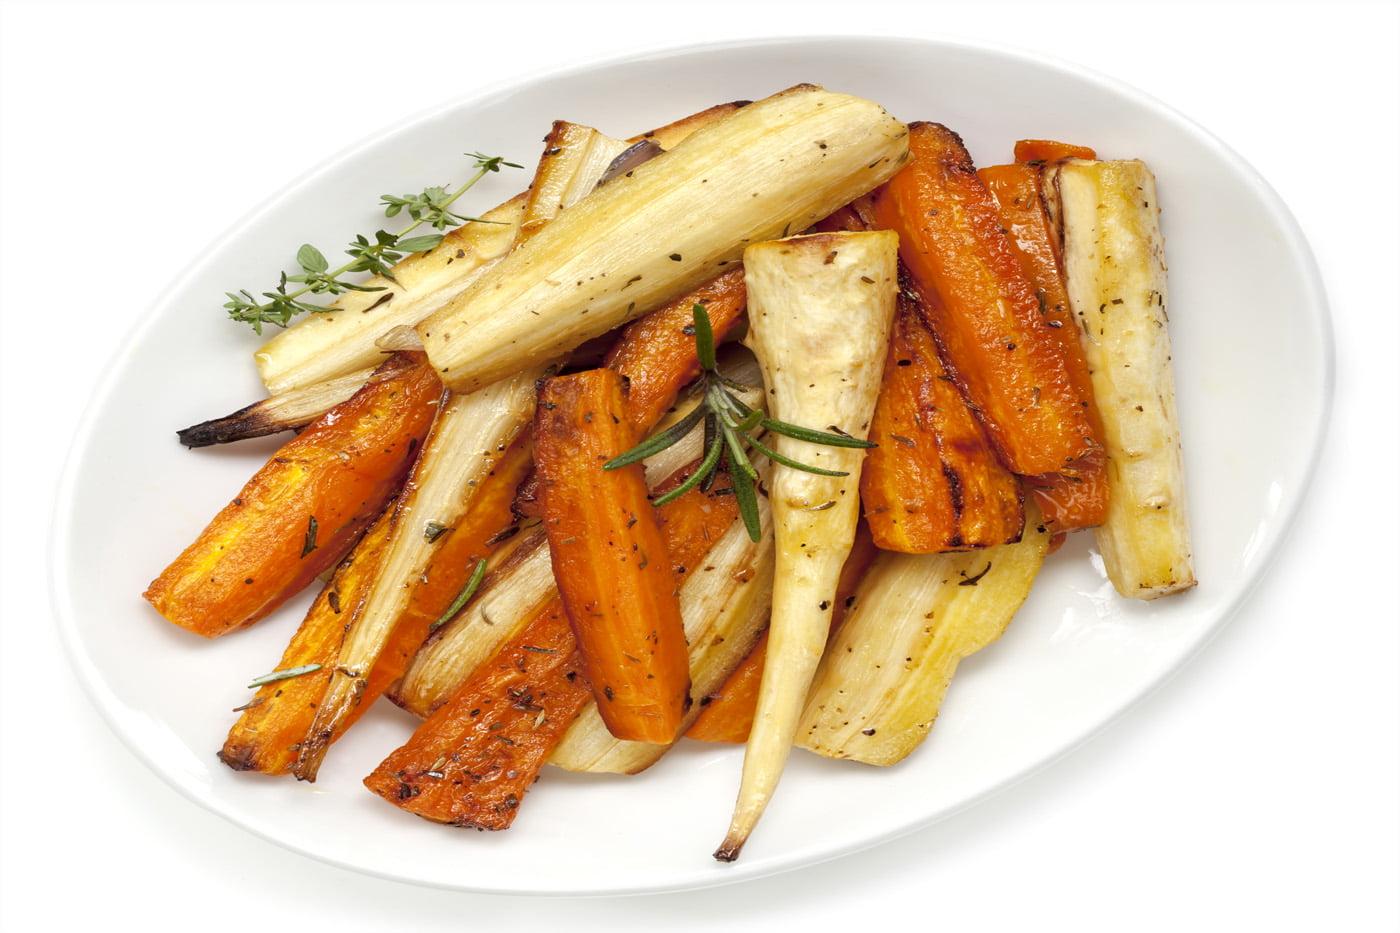 Sticky Maple-Glazed Parsnips And Carrots